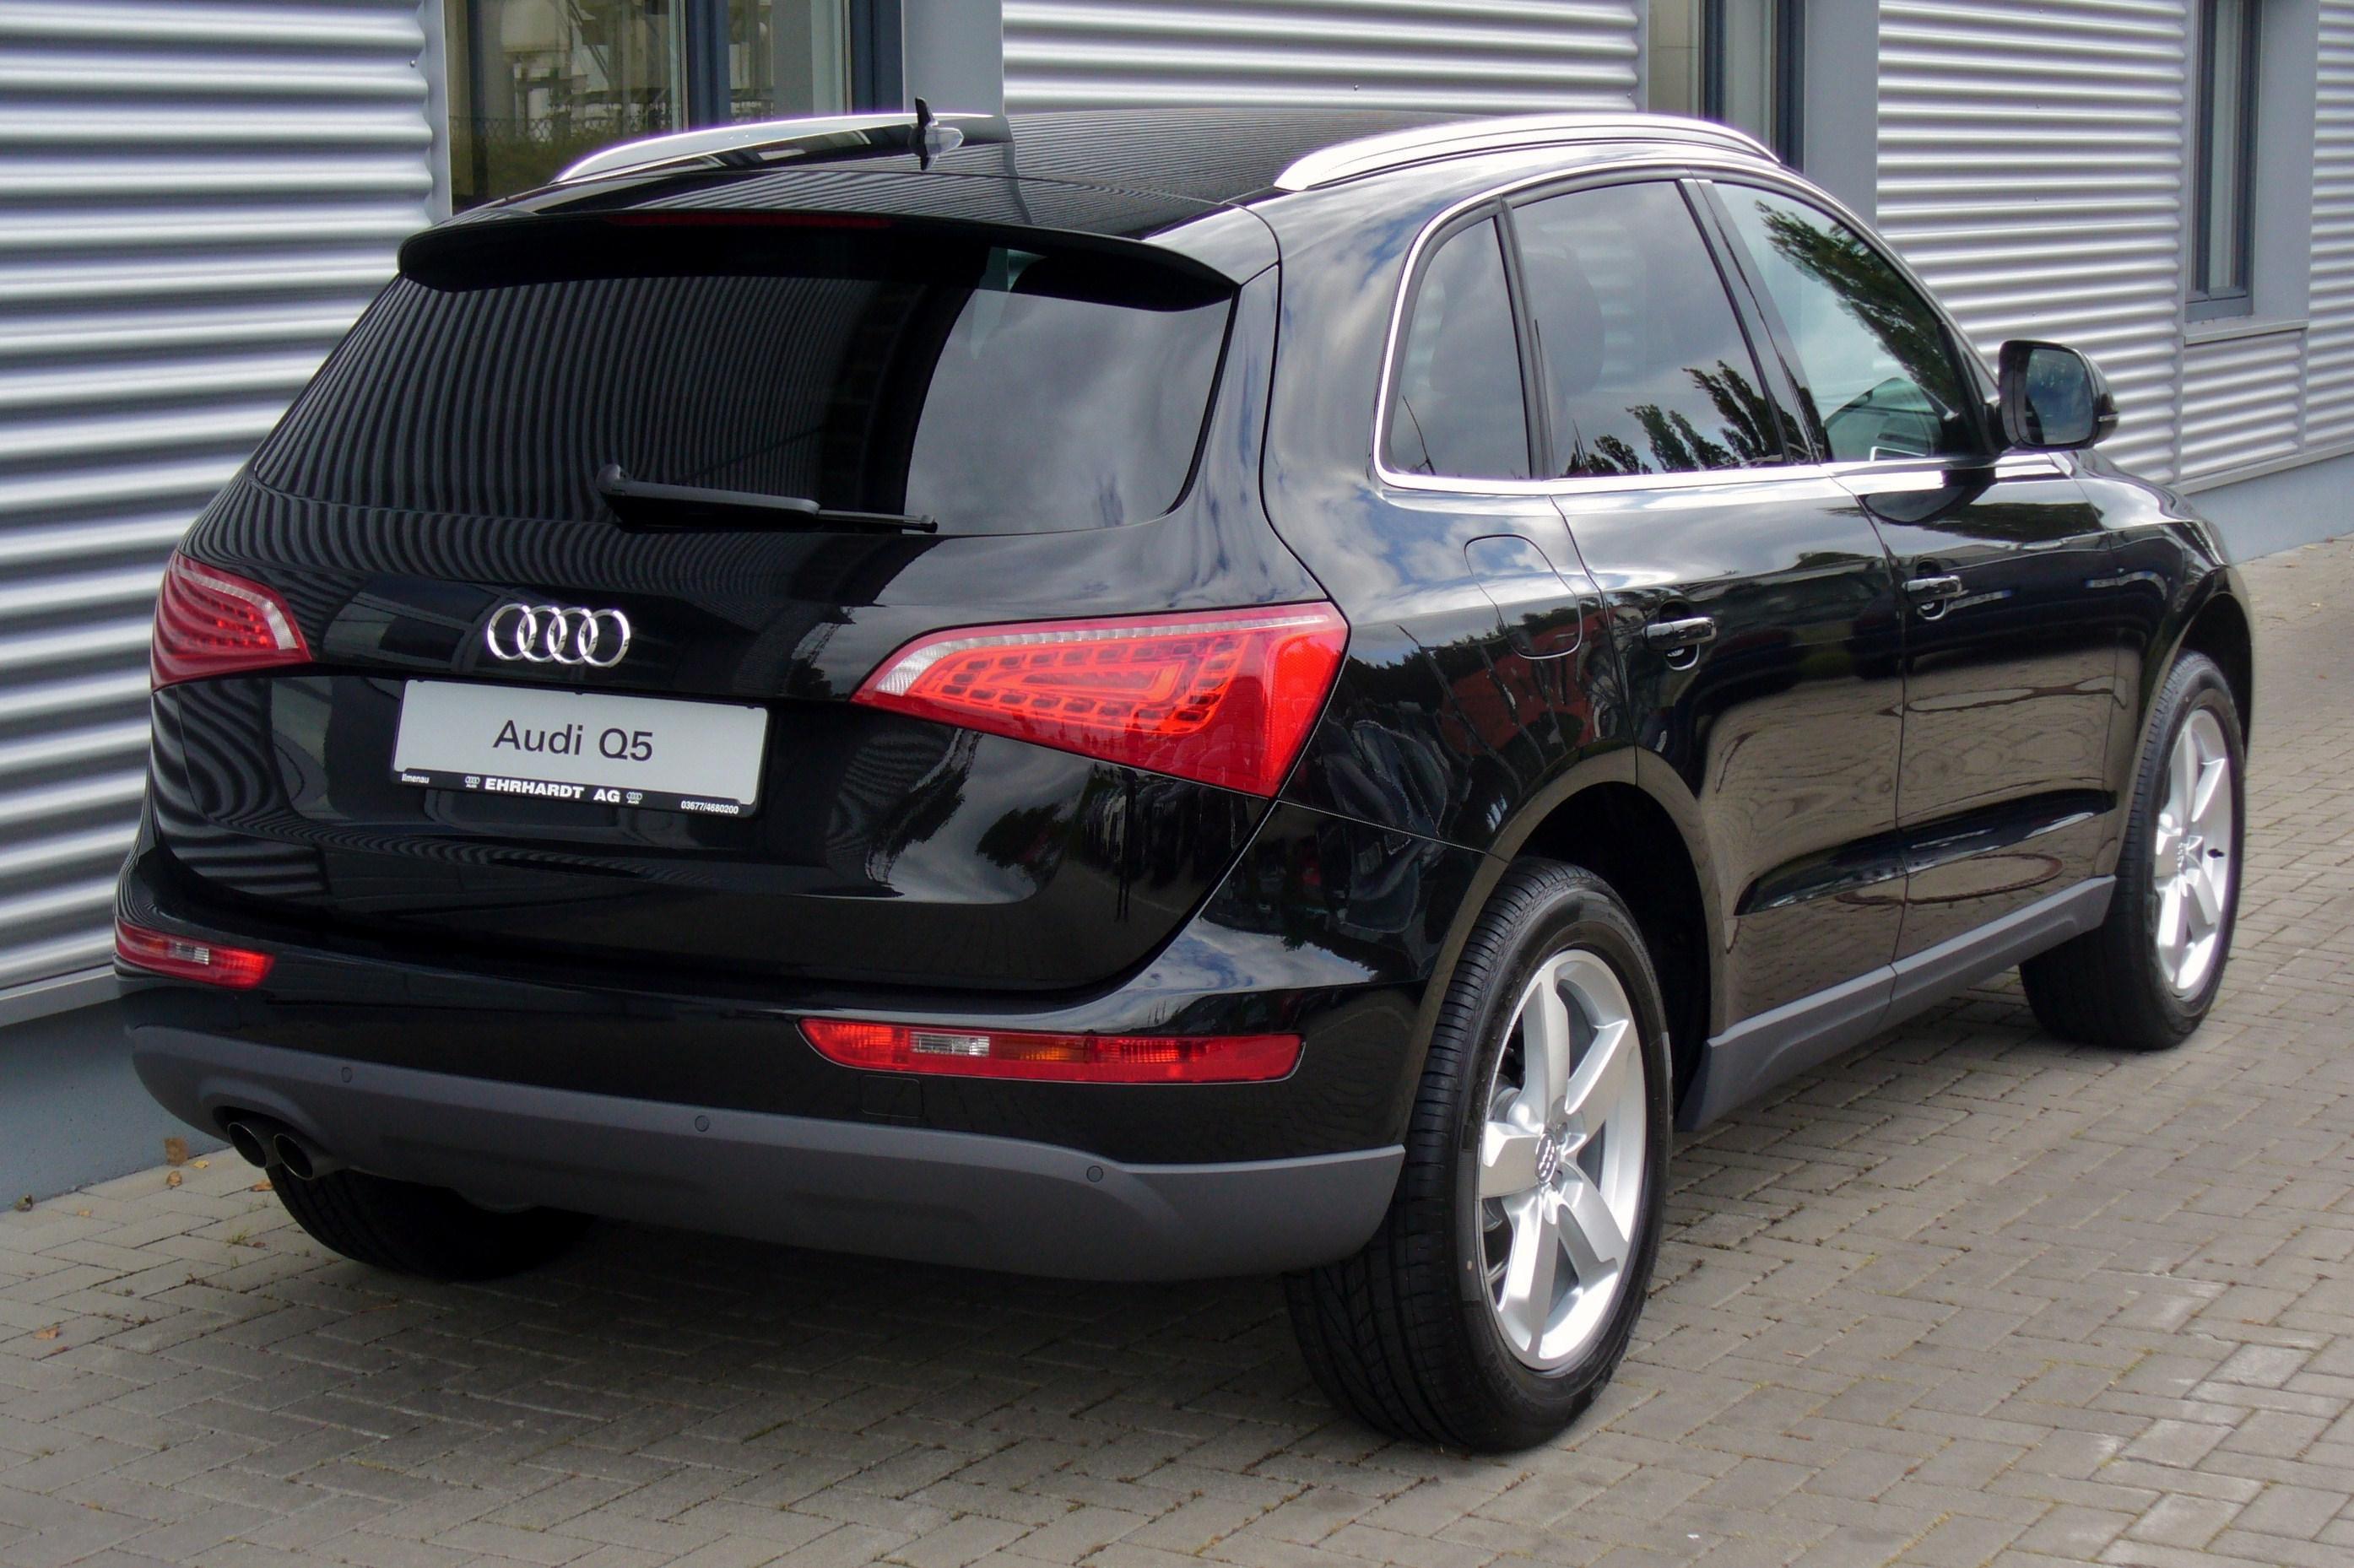 Kelebihan Kekurangan Audi Q5 2.0 Tdi Spesifikasi